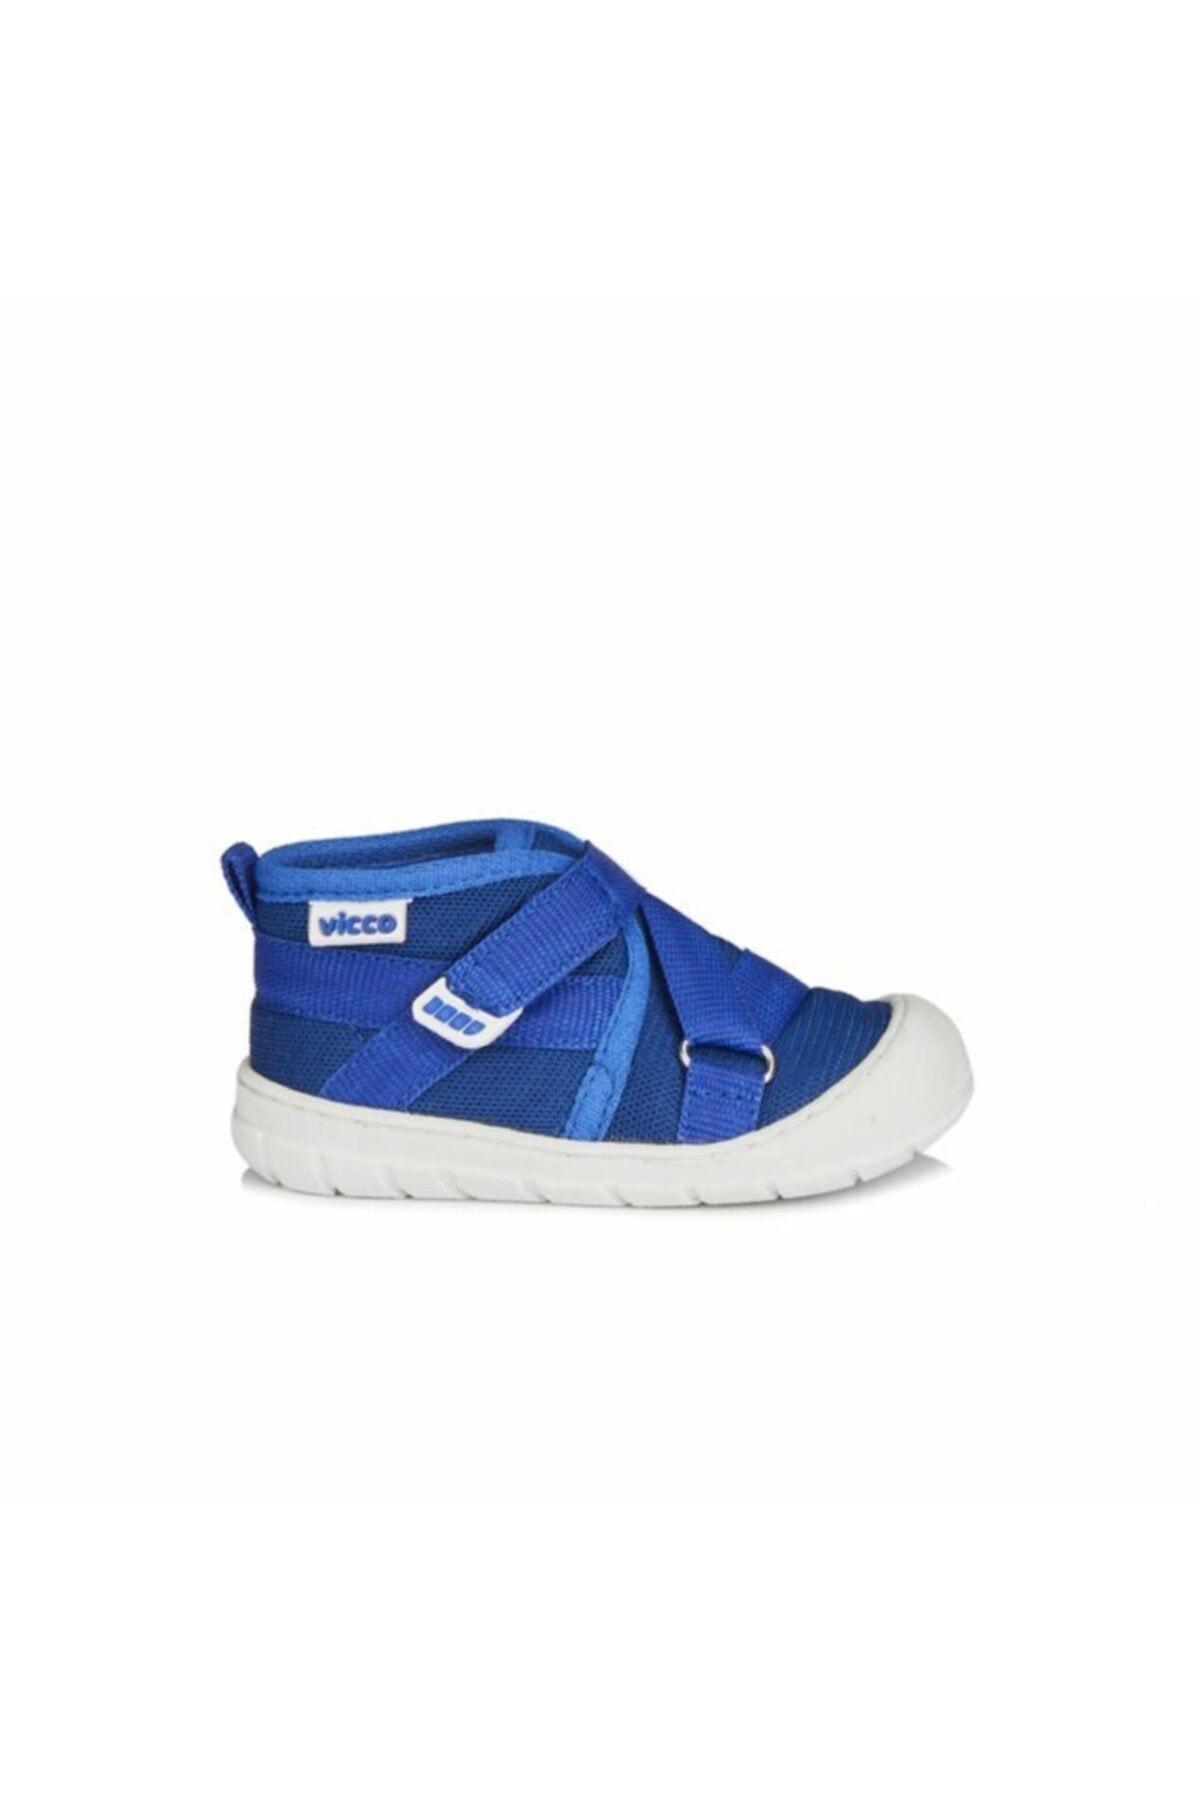 Vicco Erkek Çocuk Ayakkabı 2